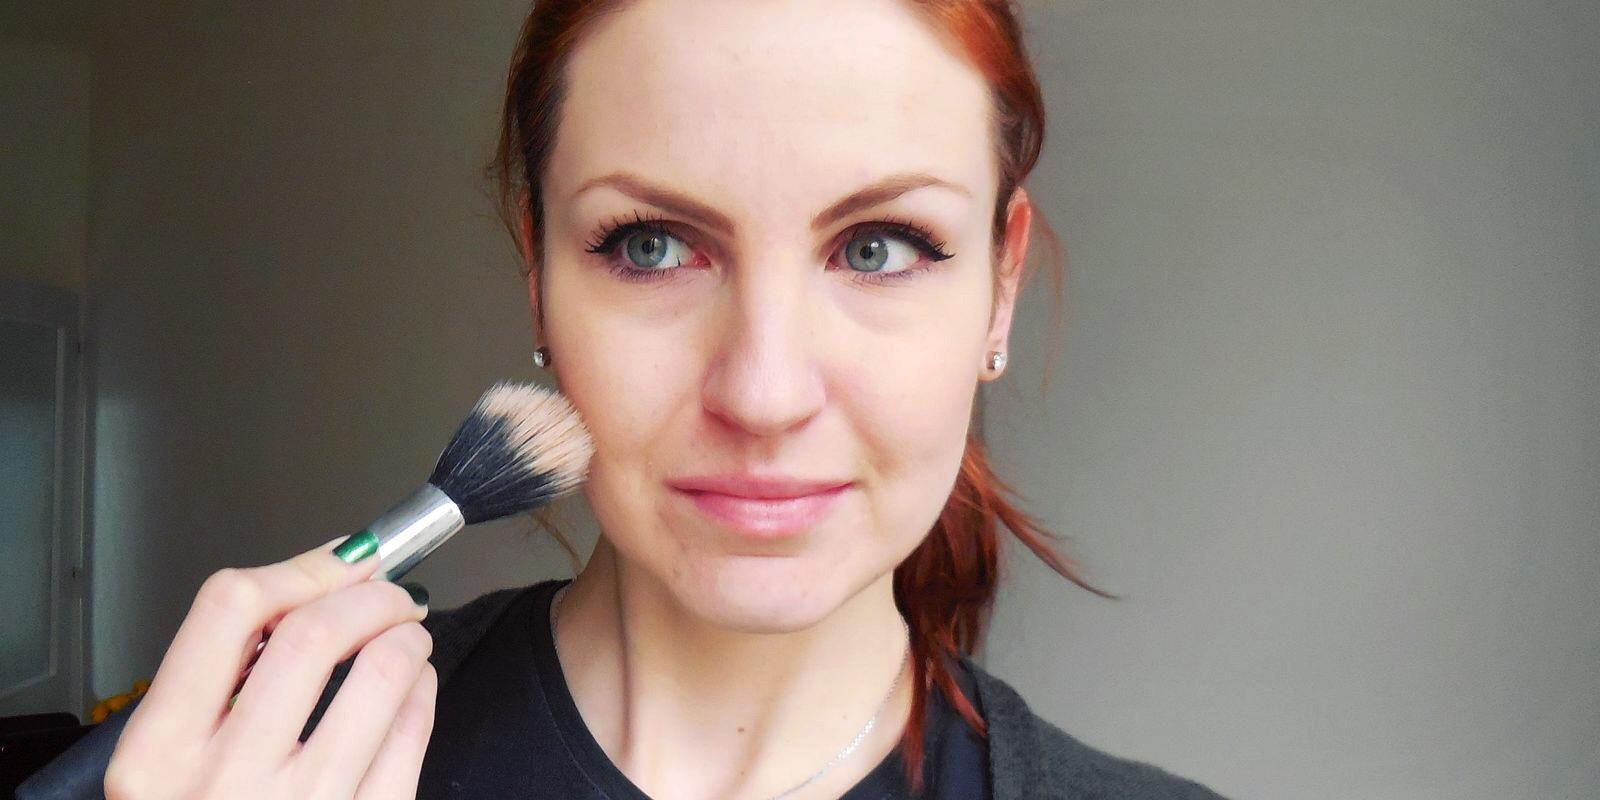 Primer - zdokonalte svůj make-up